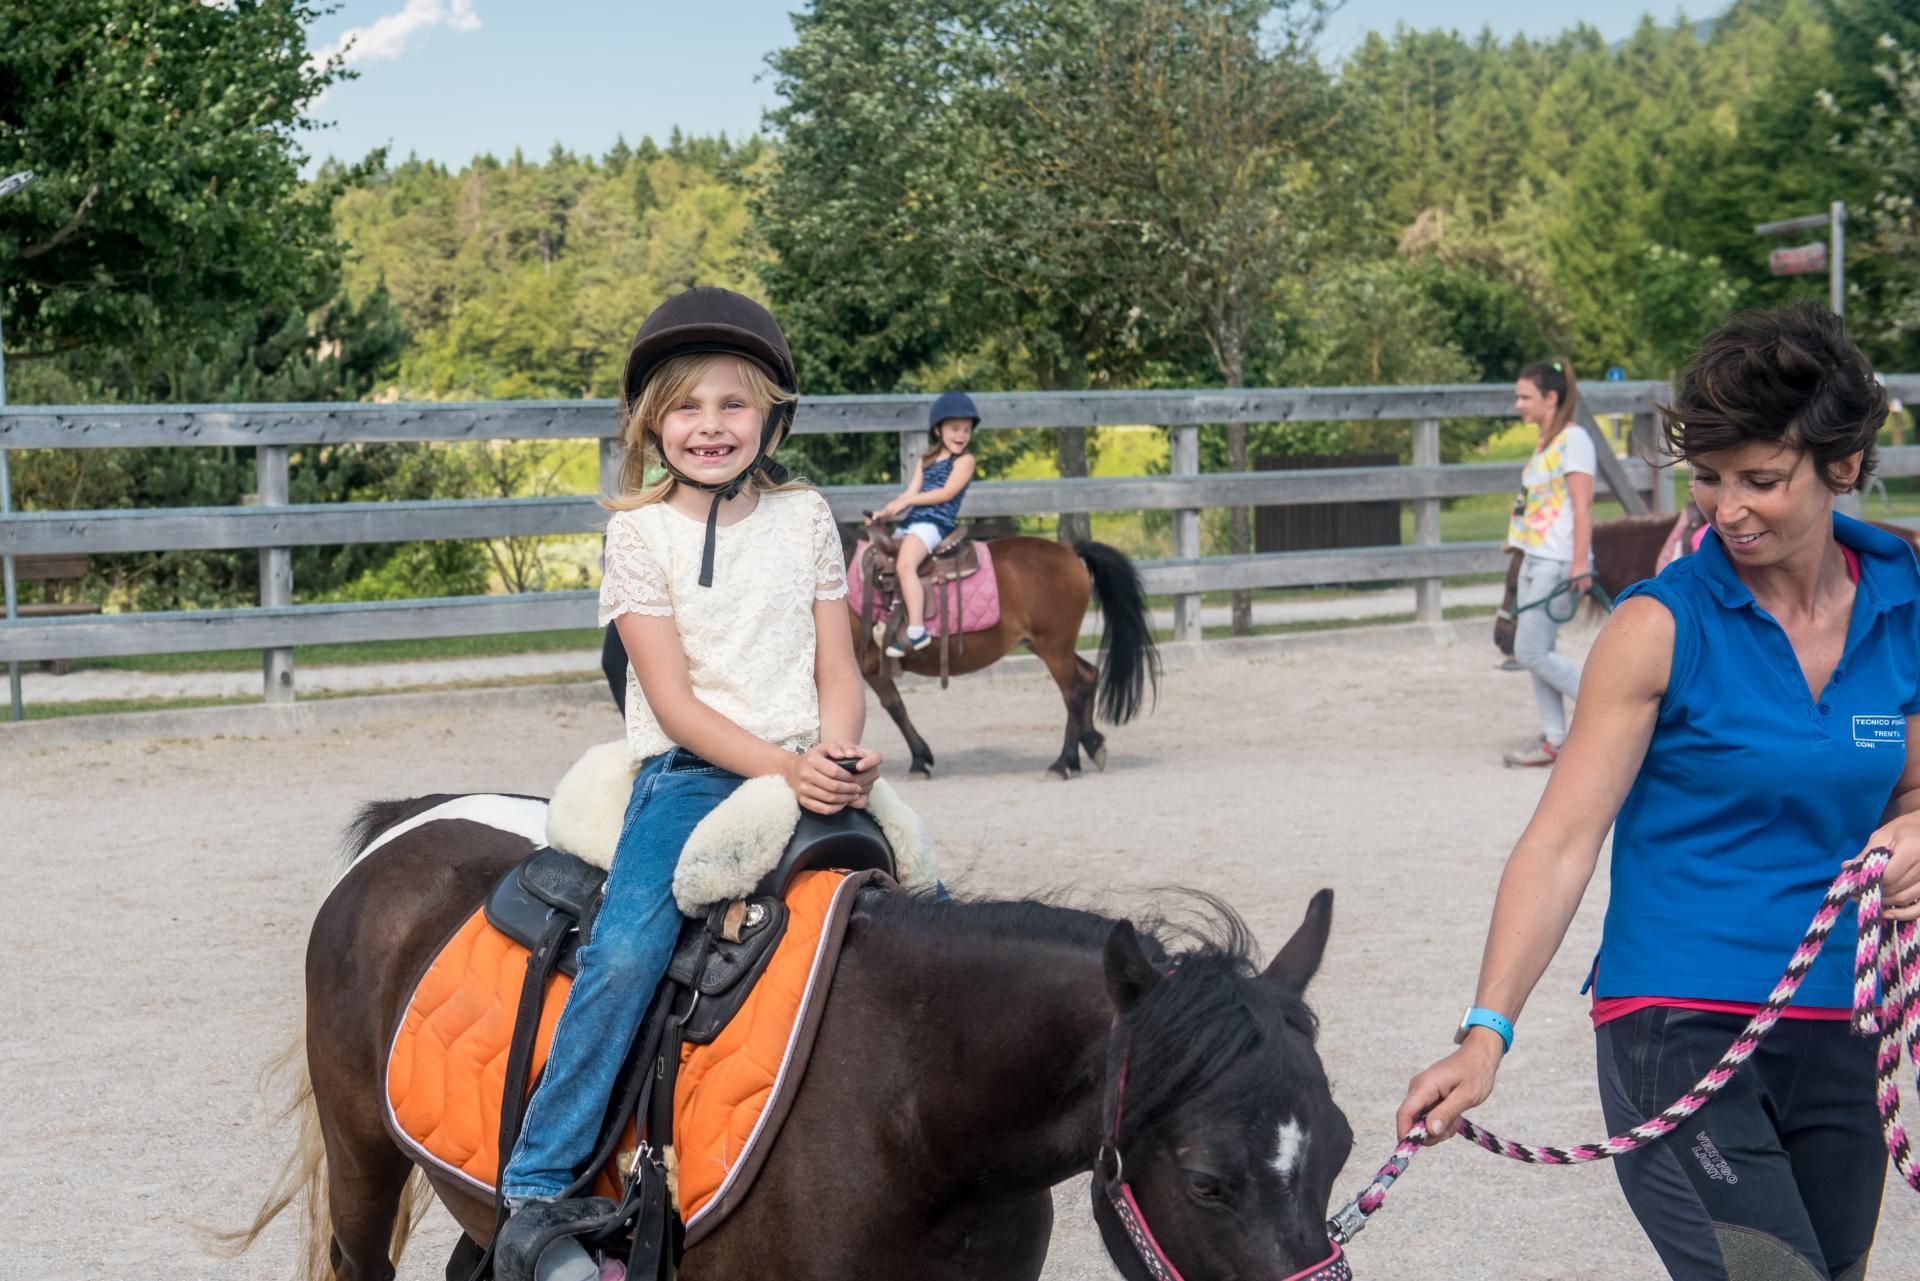 2016_PHMatteoDeStefano_Andalo_bambini_montagna_family_equitazione_cavalli_carrozza_pony_parco_LifePark_Dolomiti_Paganella_Trentino48.jpg